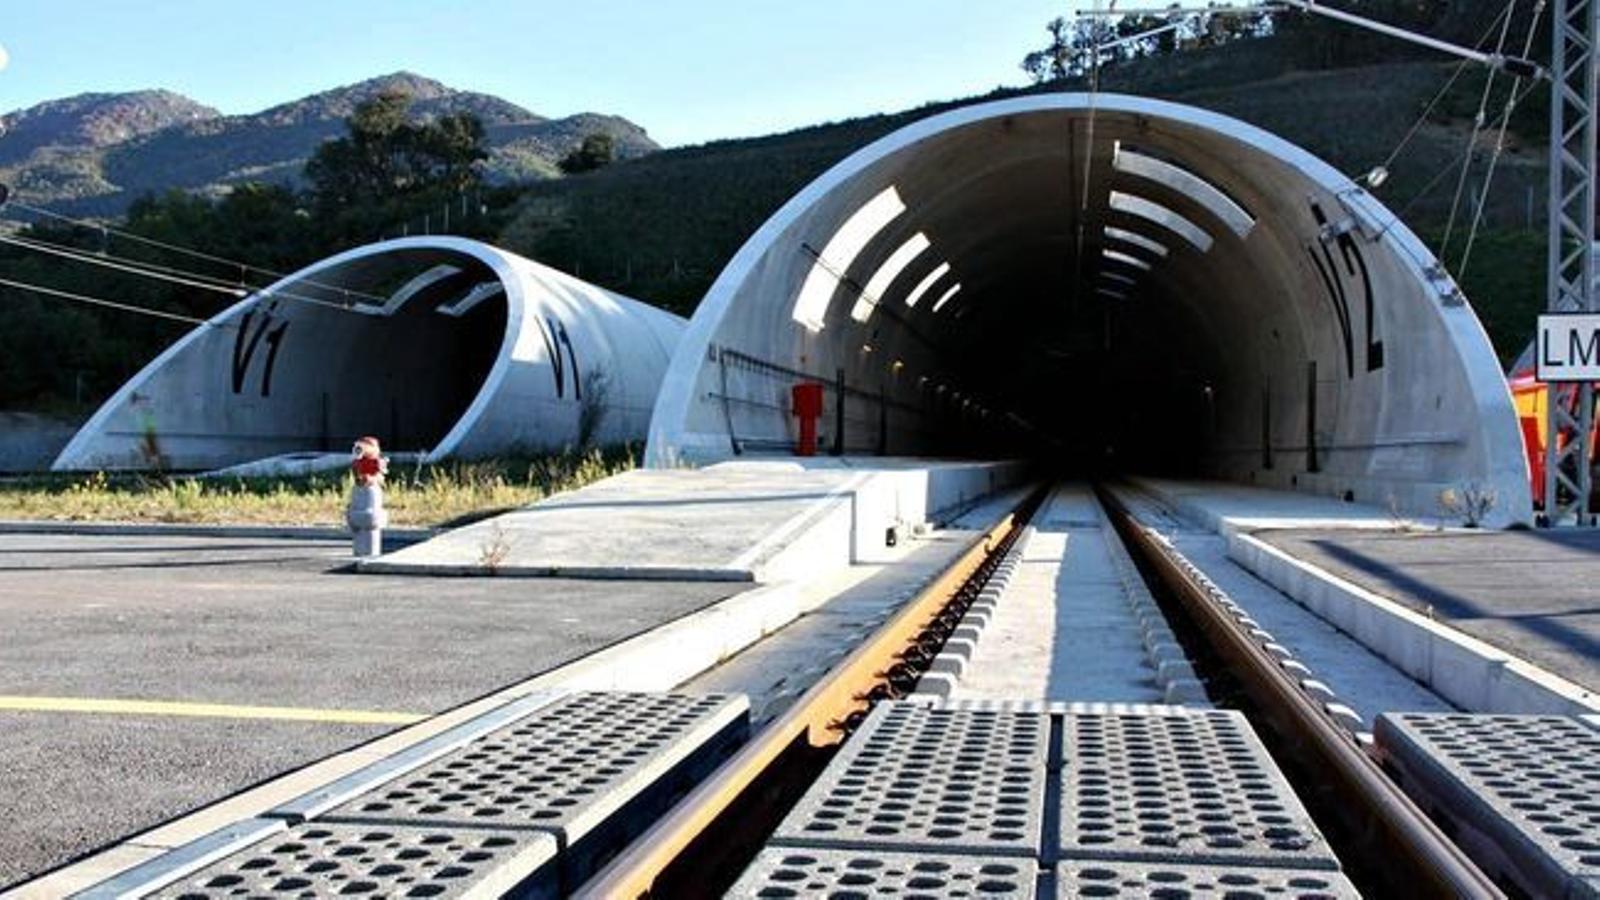 Entrada akl túnel del Petús, que ara passarà a gestionar una societat conjunta entre Espanya i França. / ACN